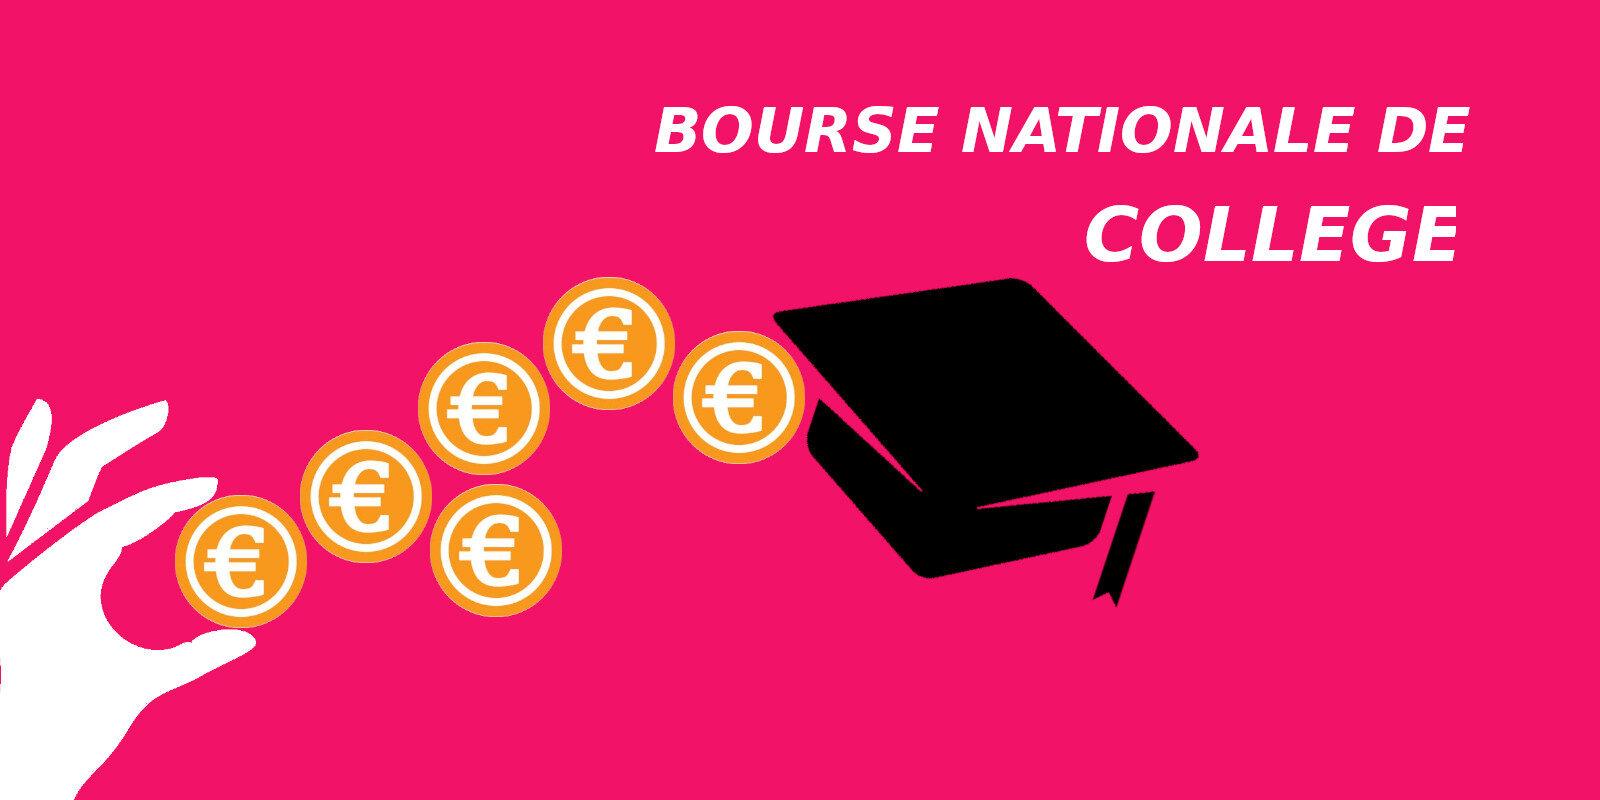 Bourses Nationale des Collèges 2021/2022